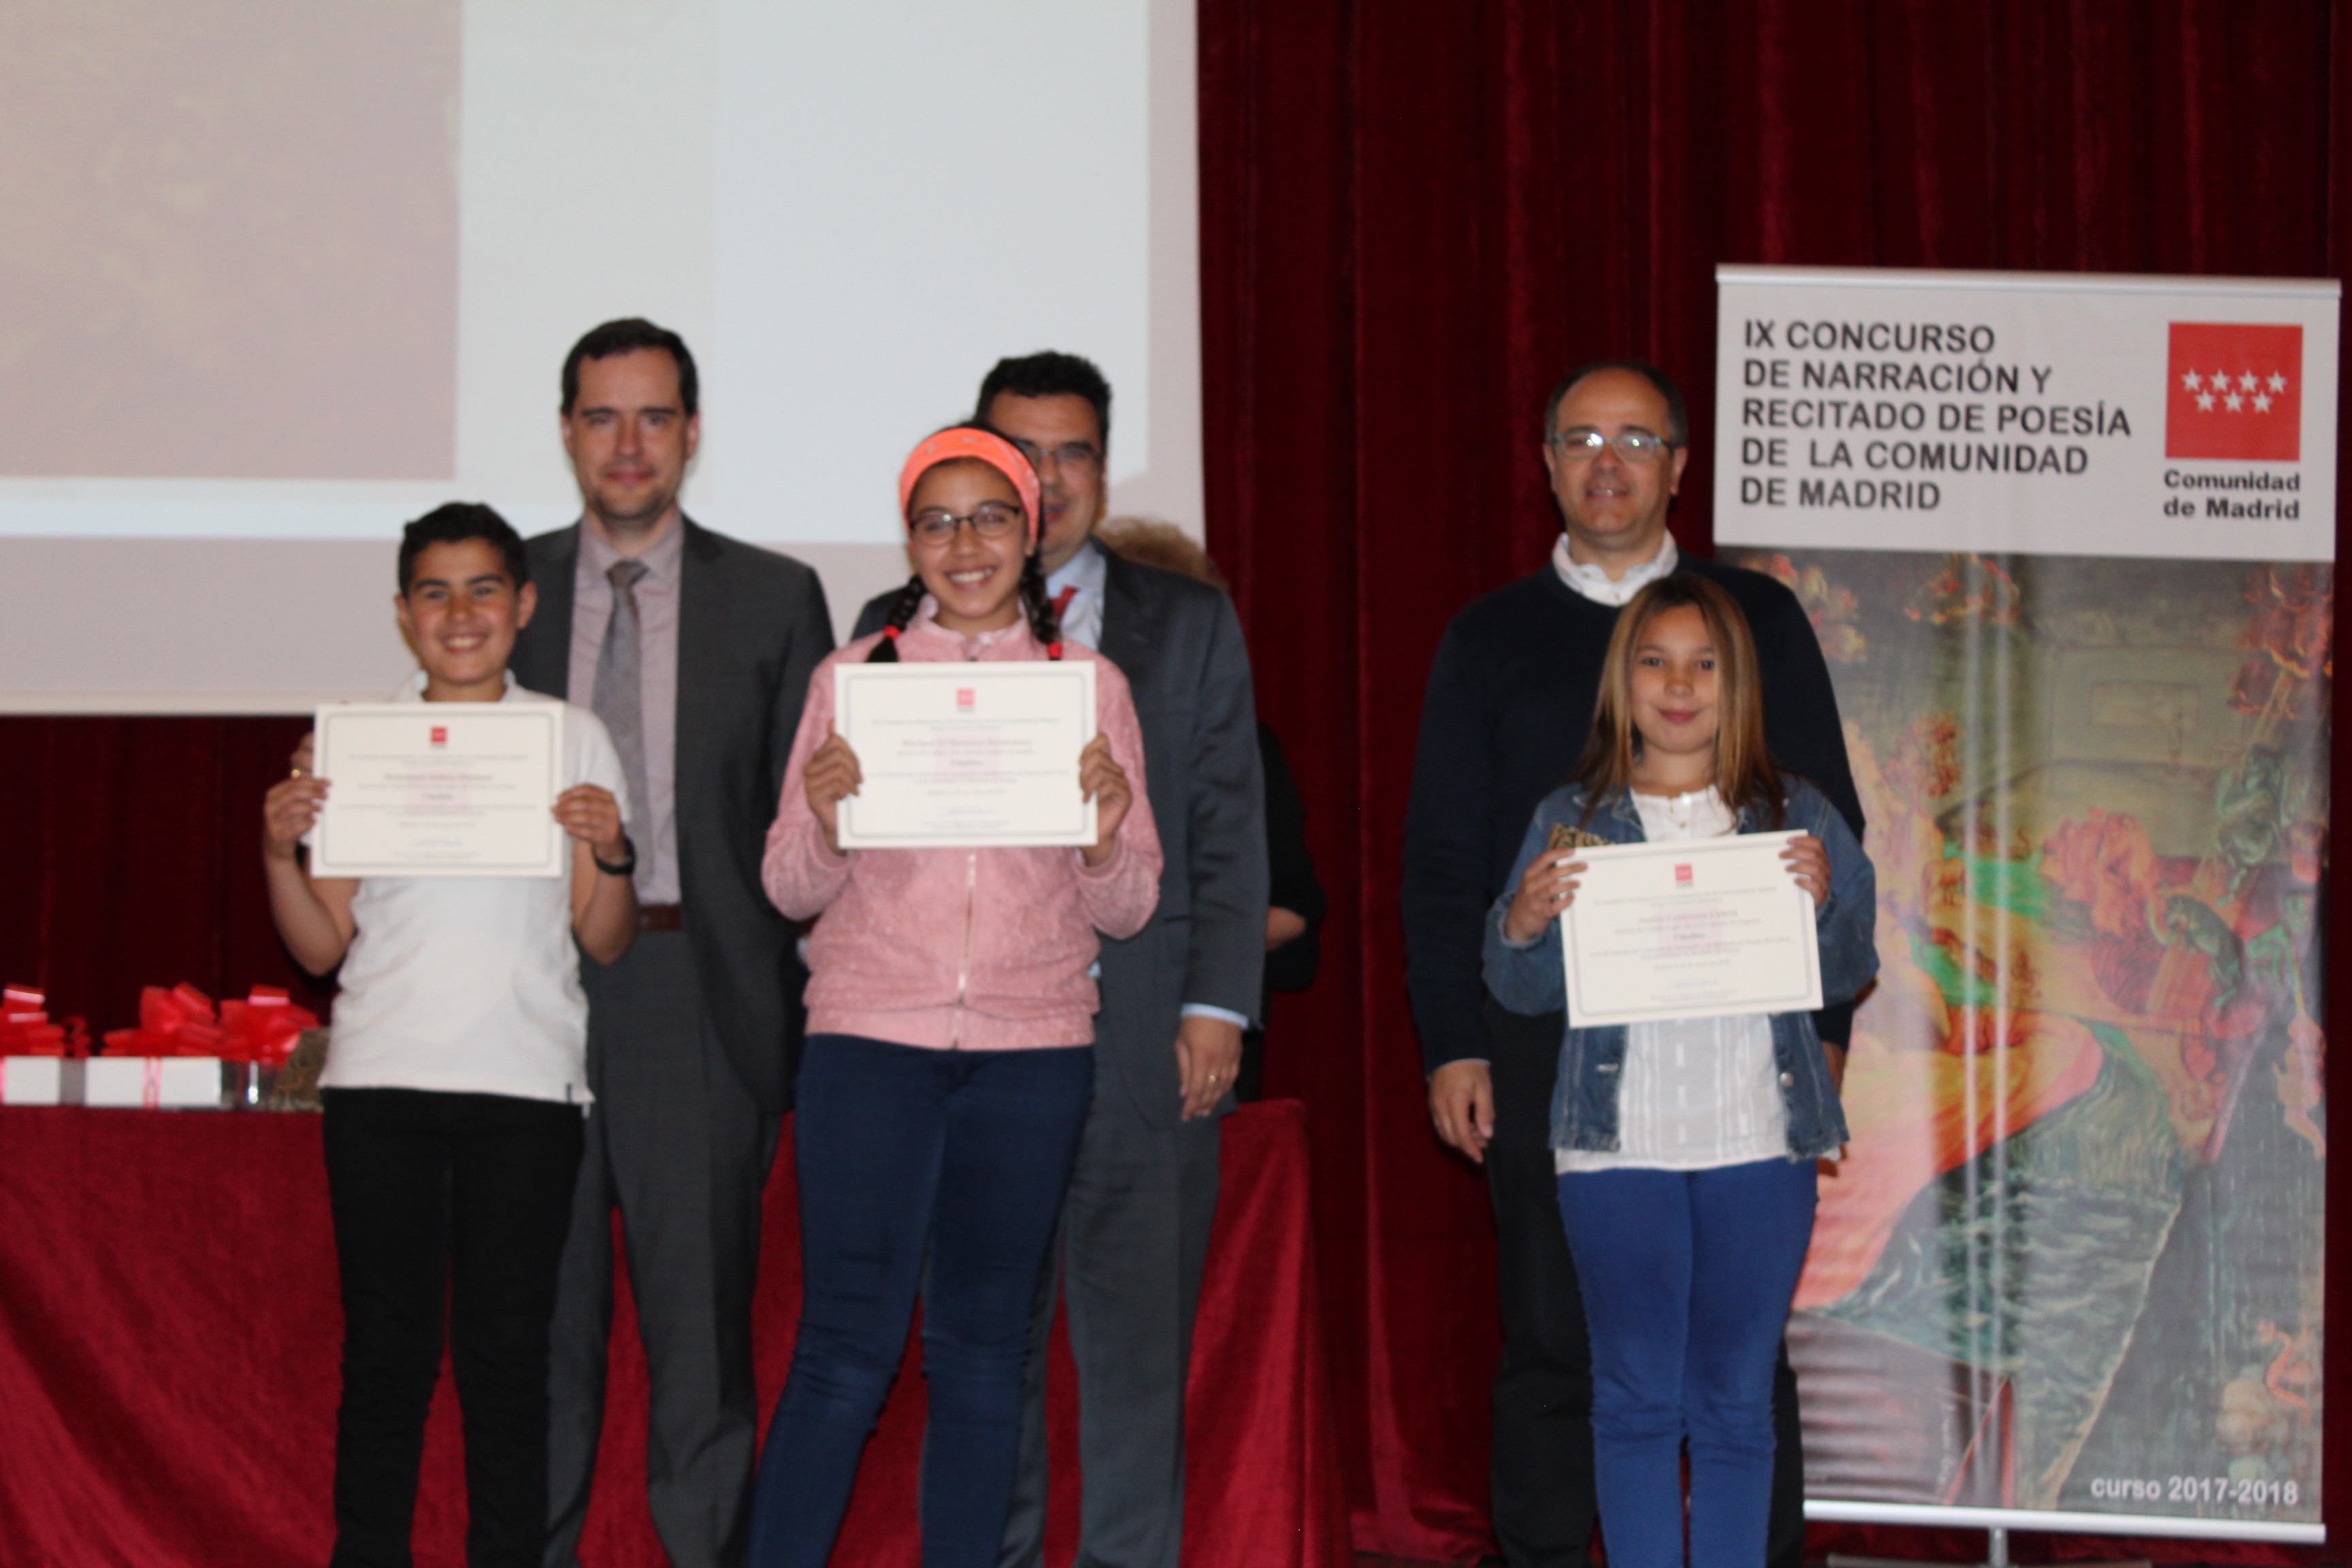 Entrega de los premios del IX Concurso de Narración y Recitado de Poesía 20